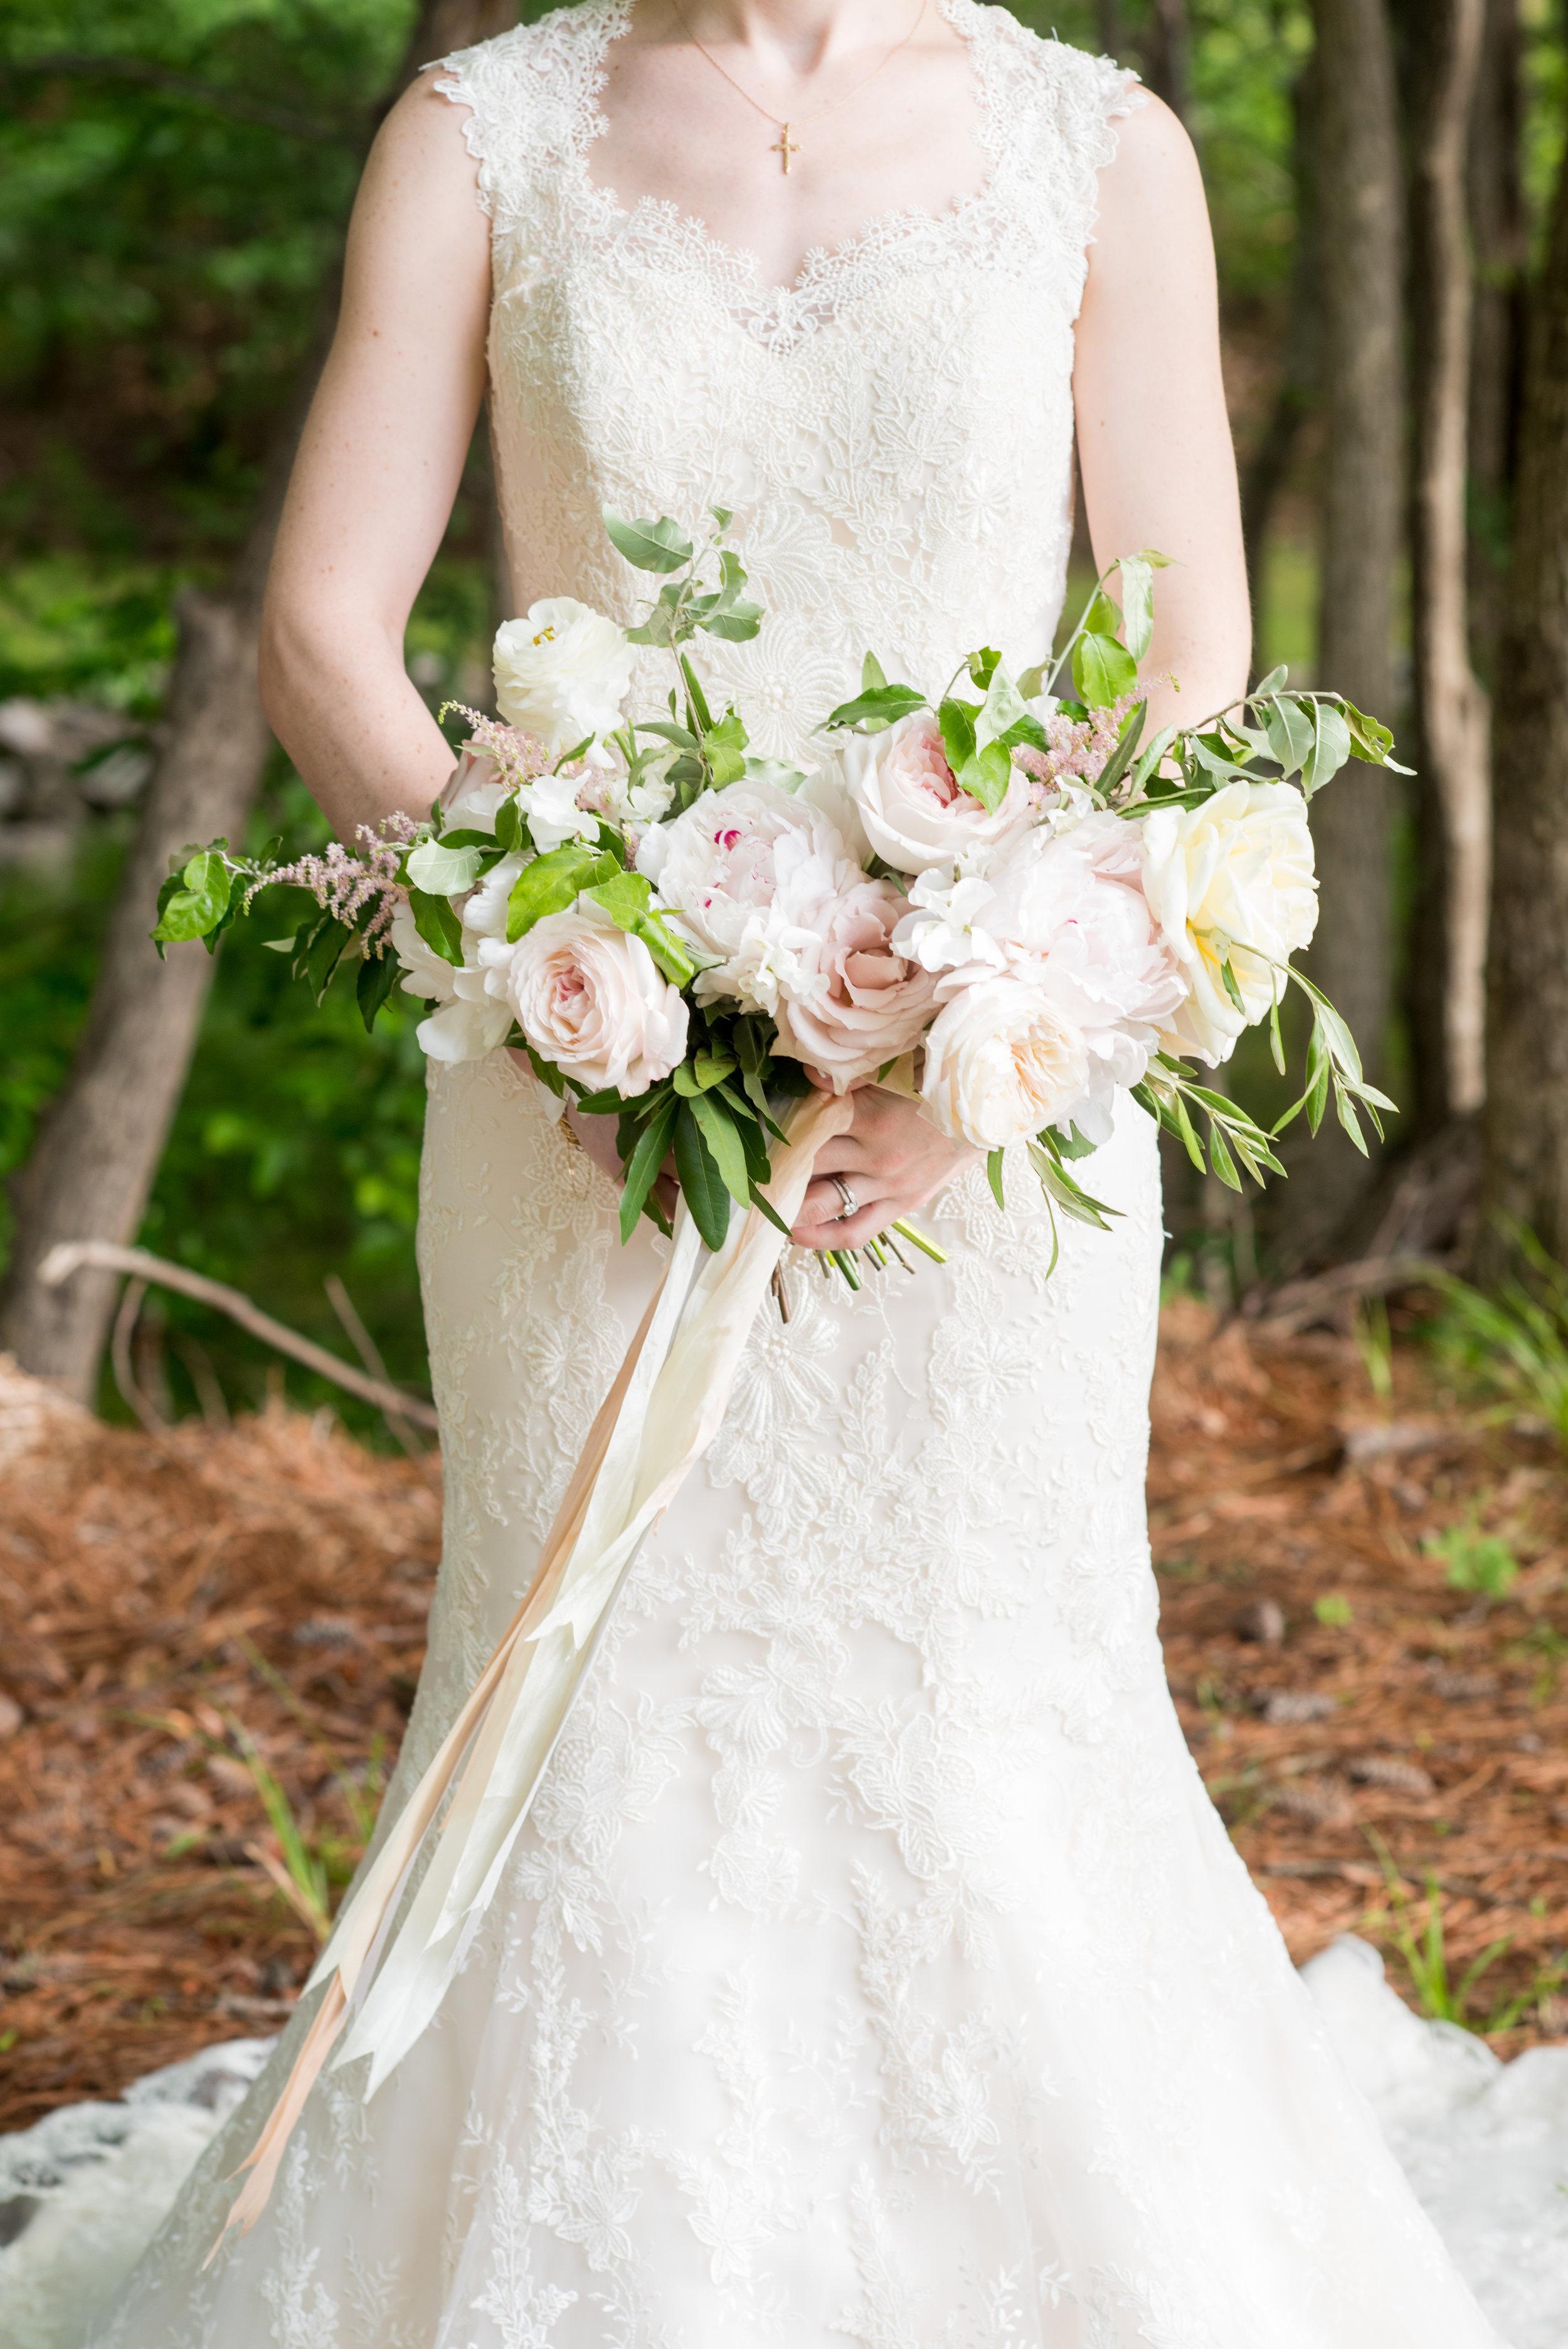 mikkelpaige-annie_vince-bride_groom-082.jpg